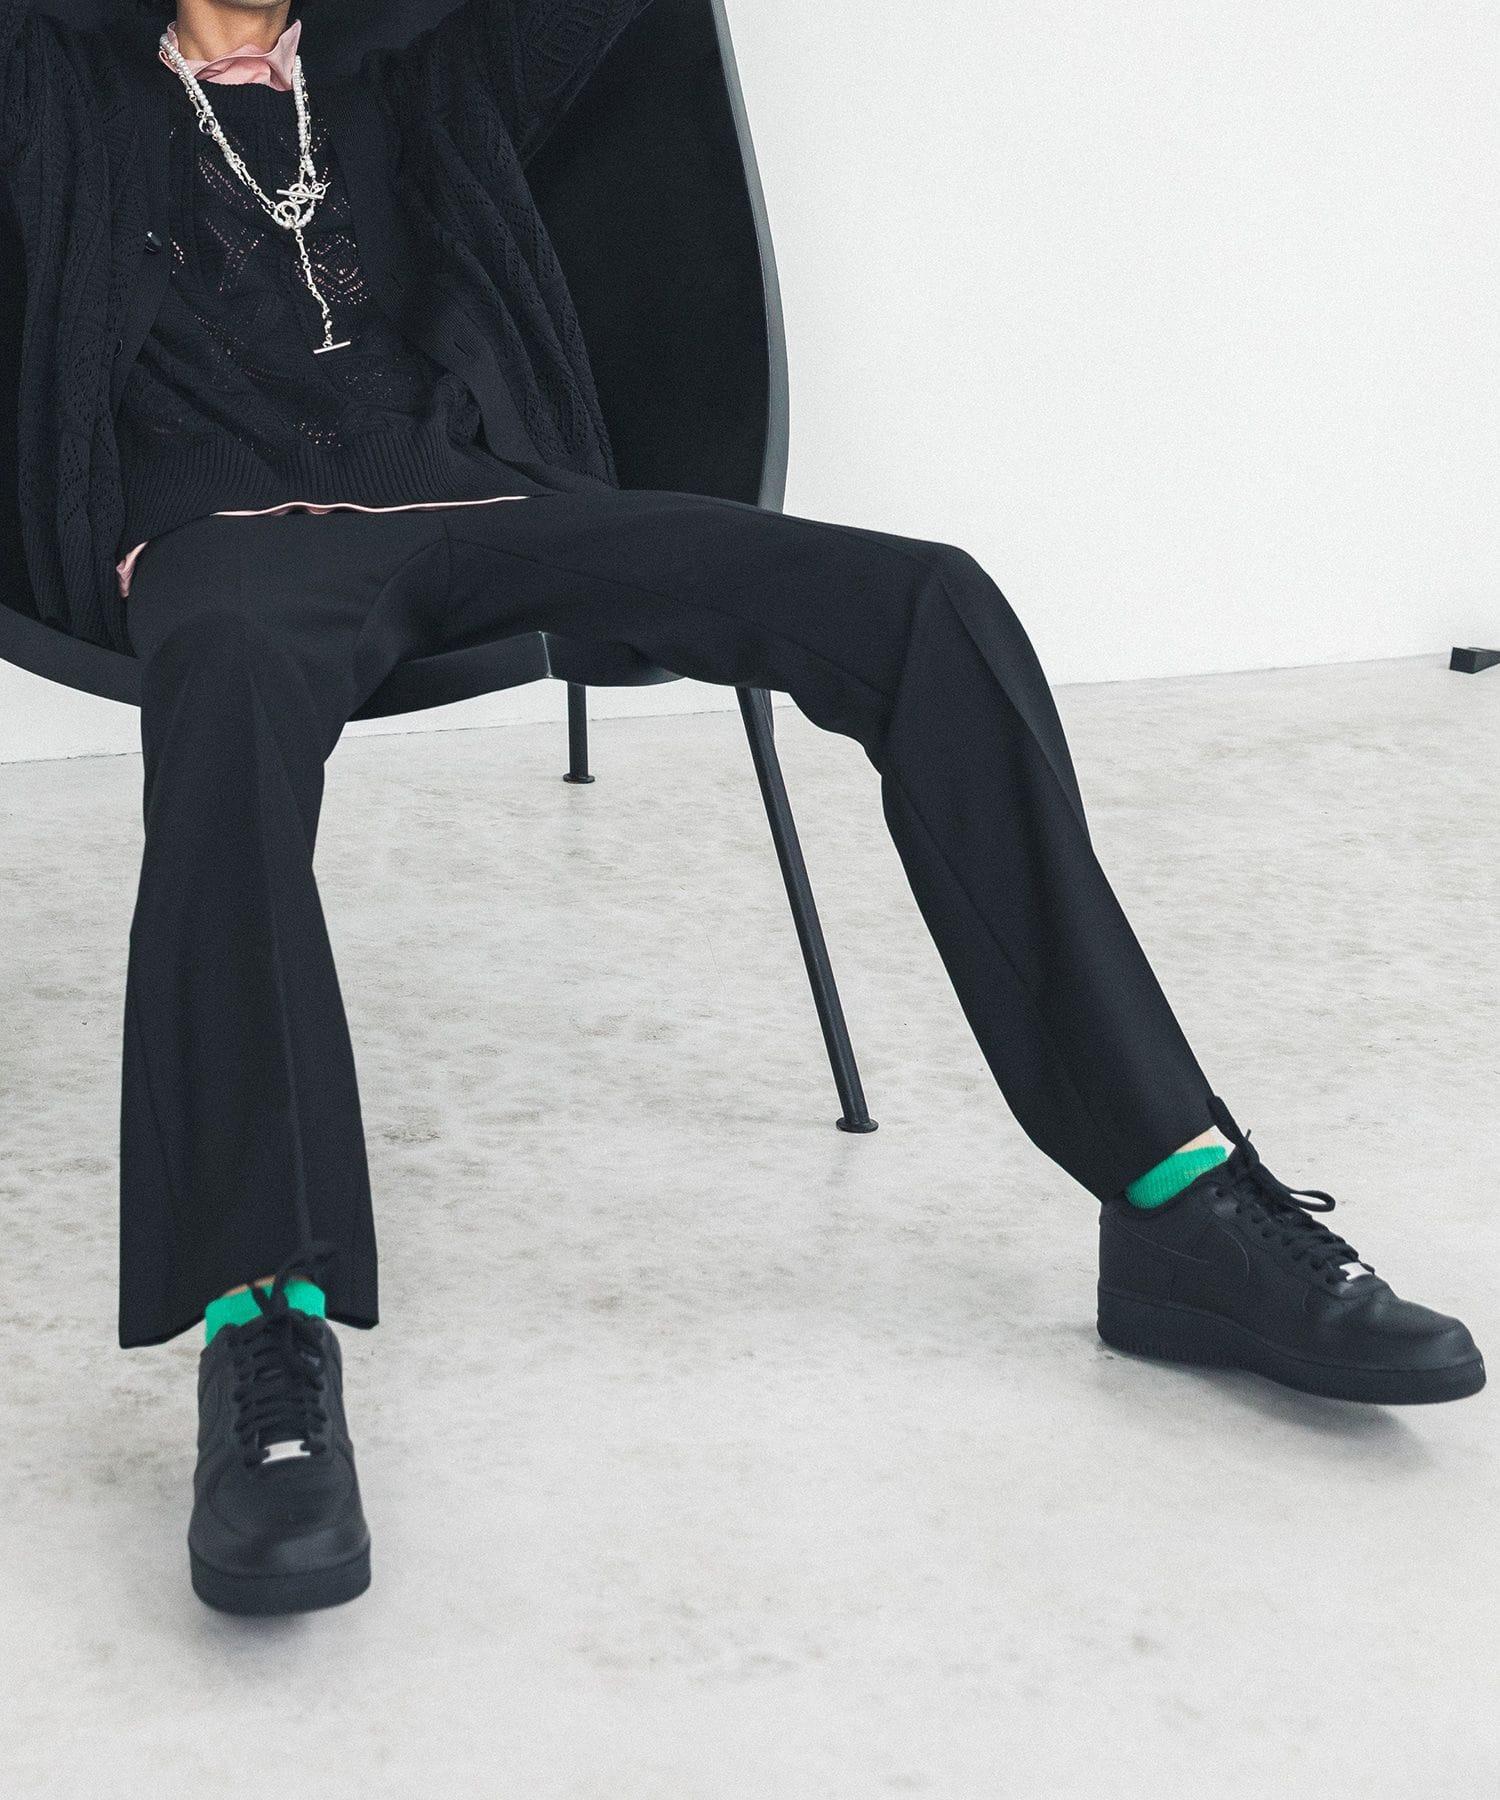 JET BLACK FLARE PANTS